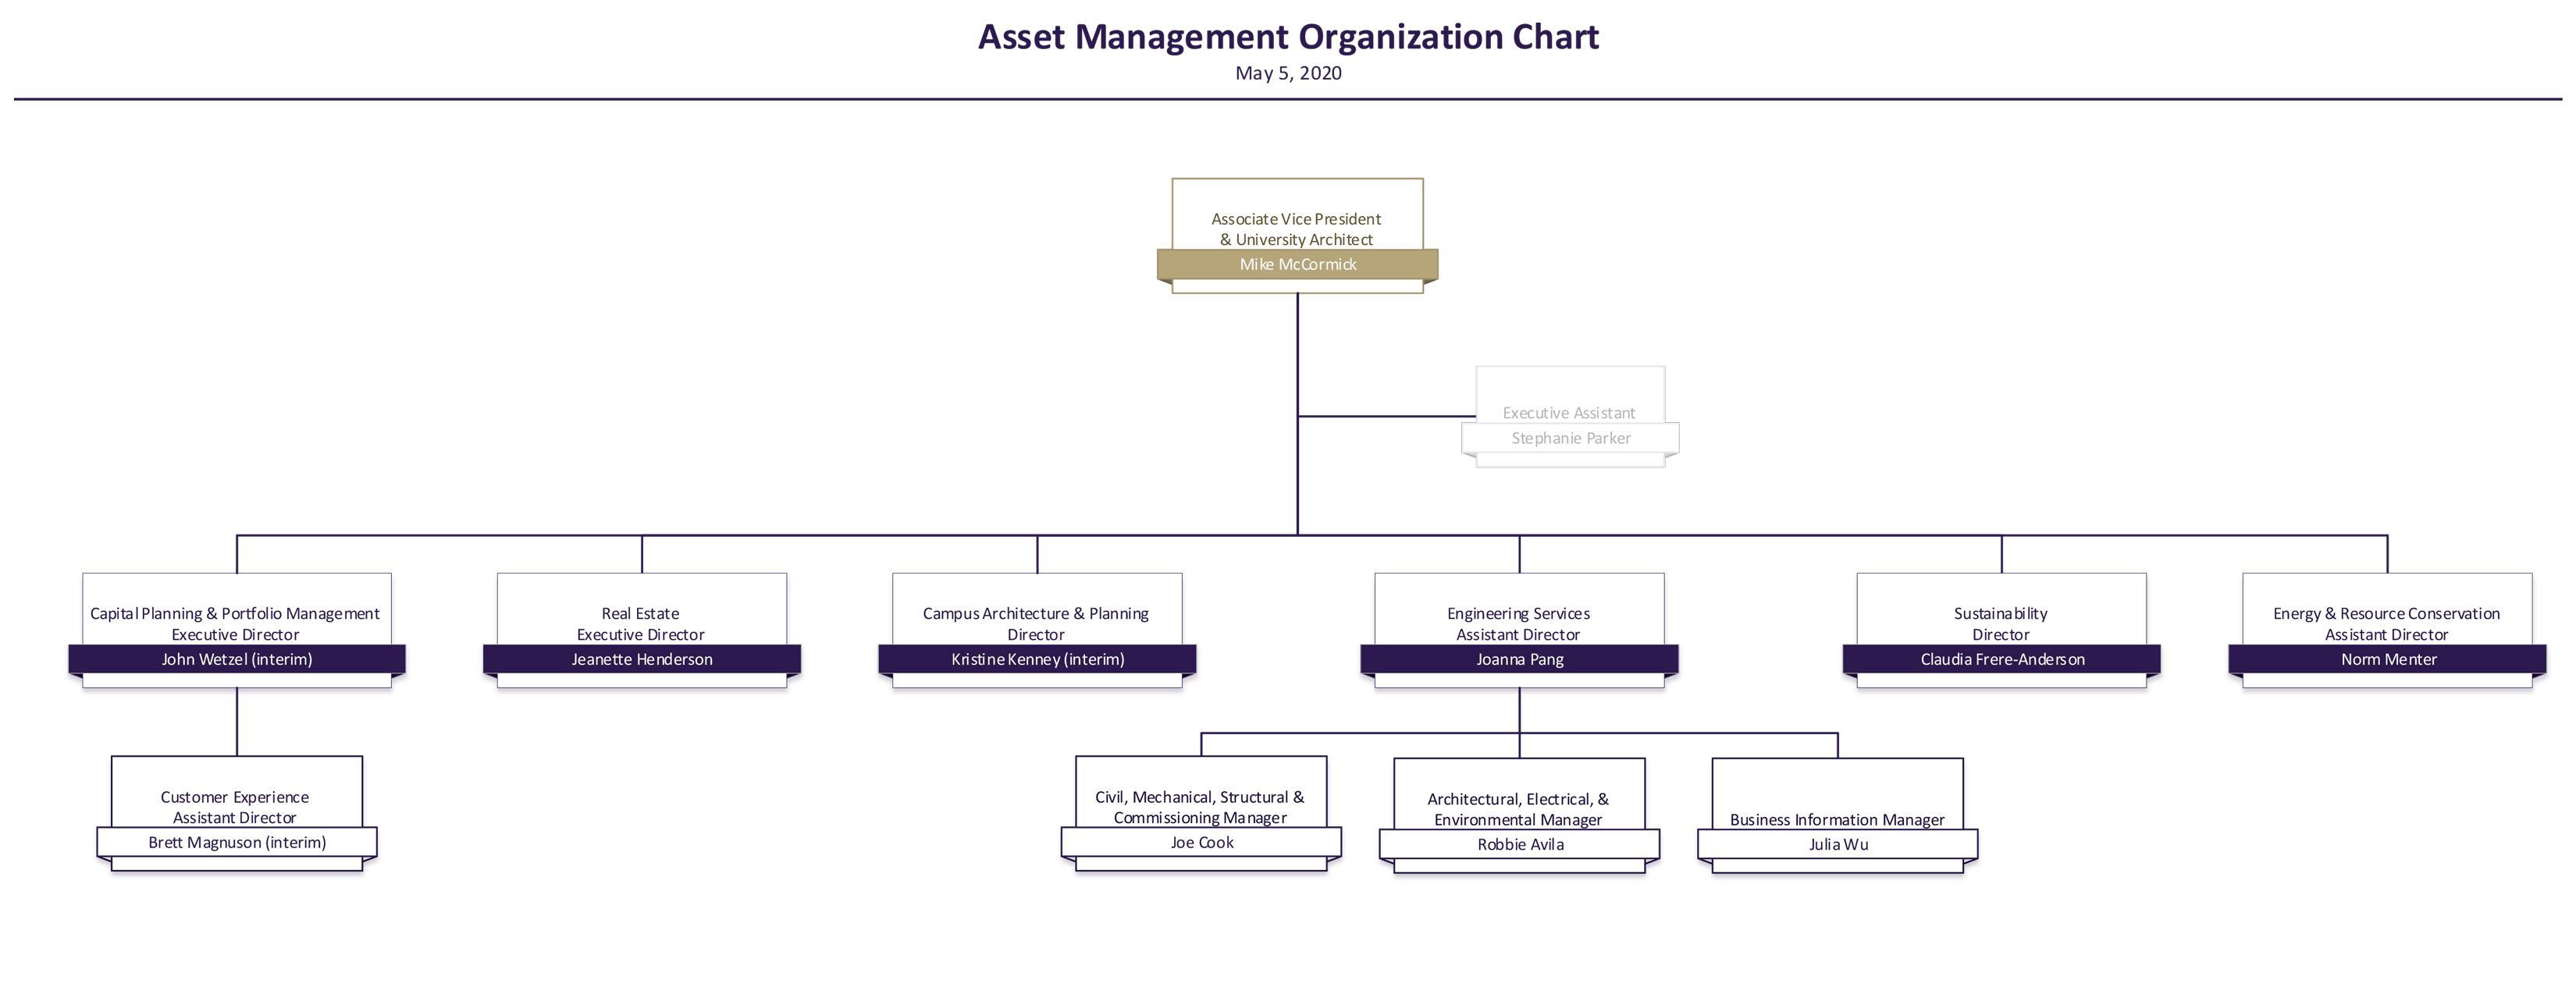 Asset Management Organization Chart